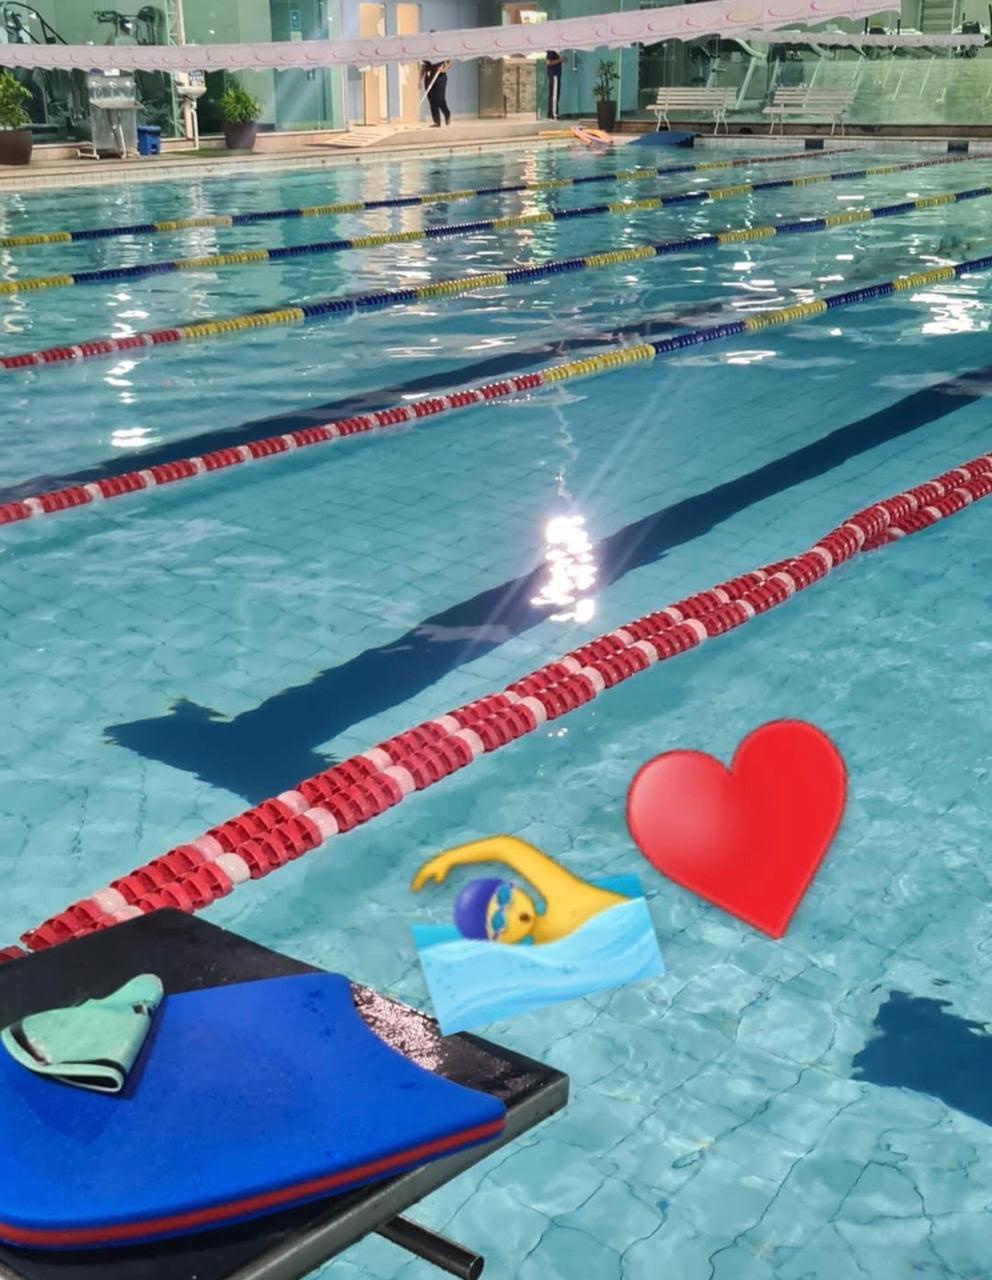 Jovem havia postado foto da piscina momentos antes do treino fatal. Crédito: Facebook/Reprodução.